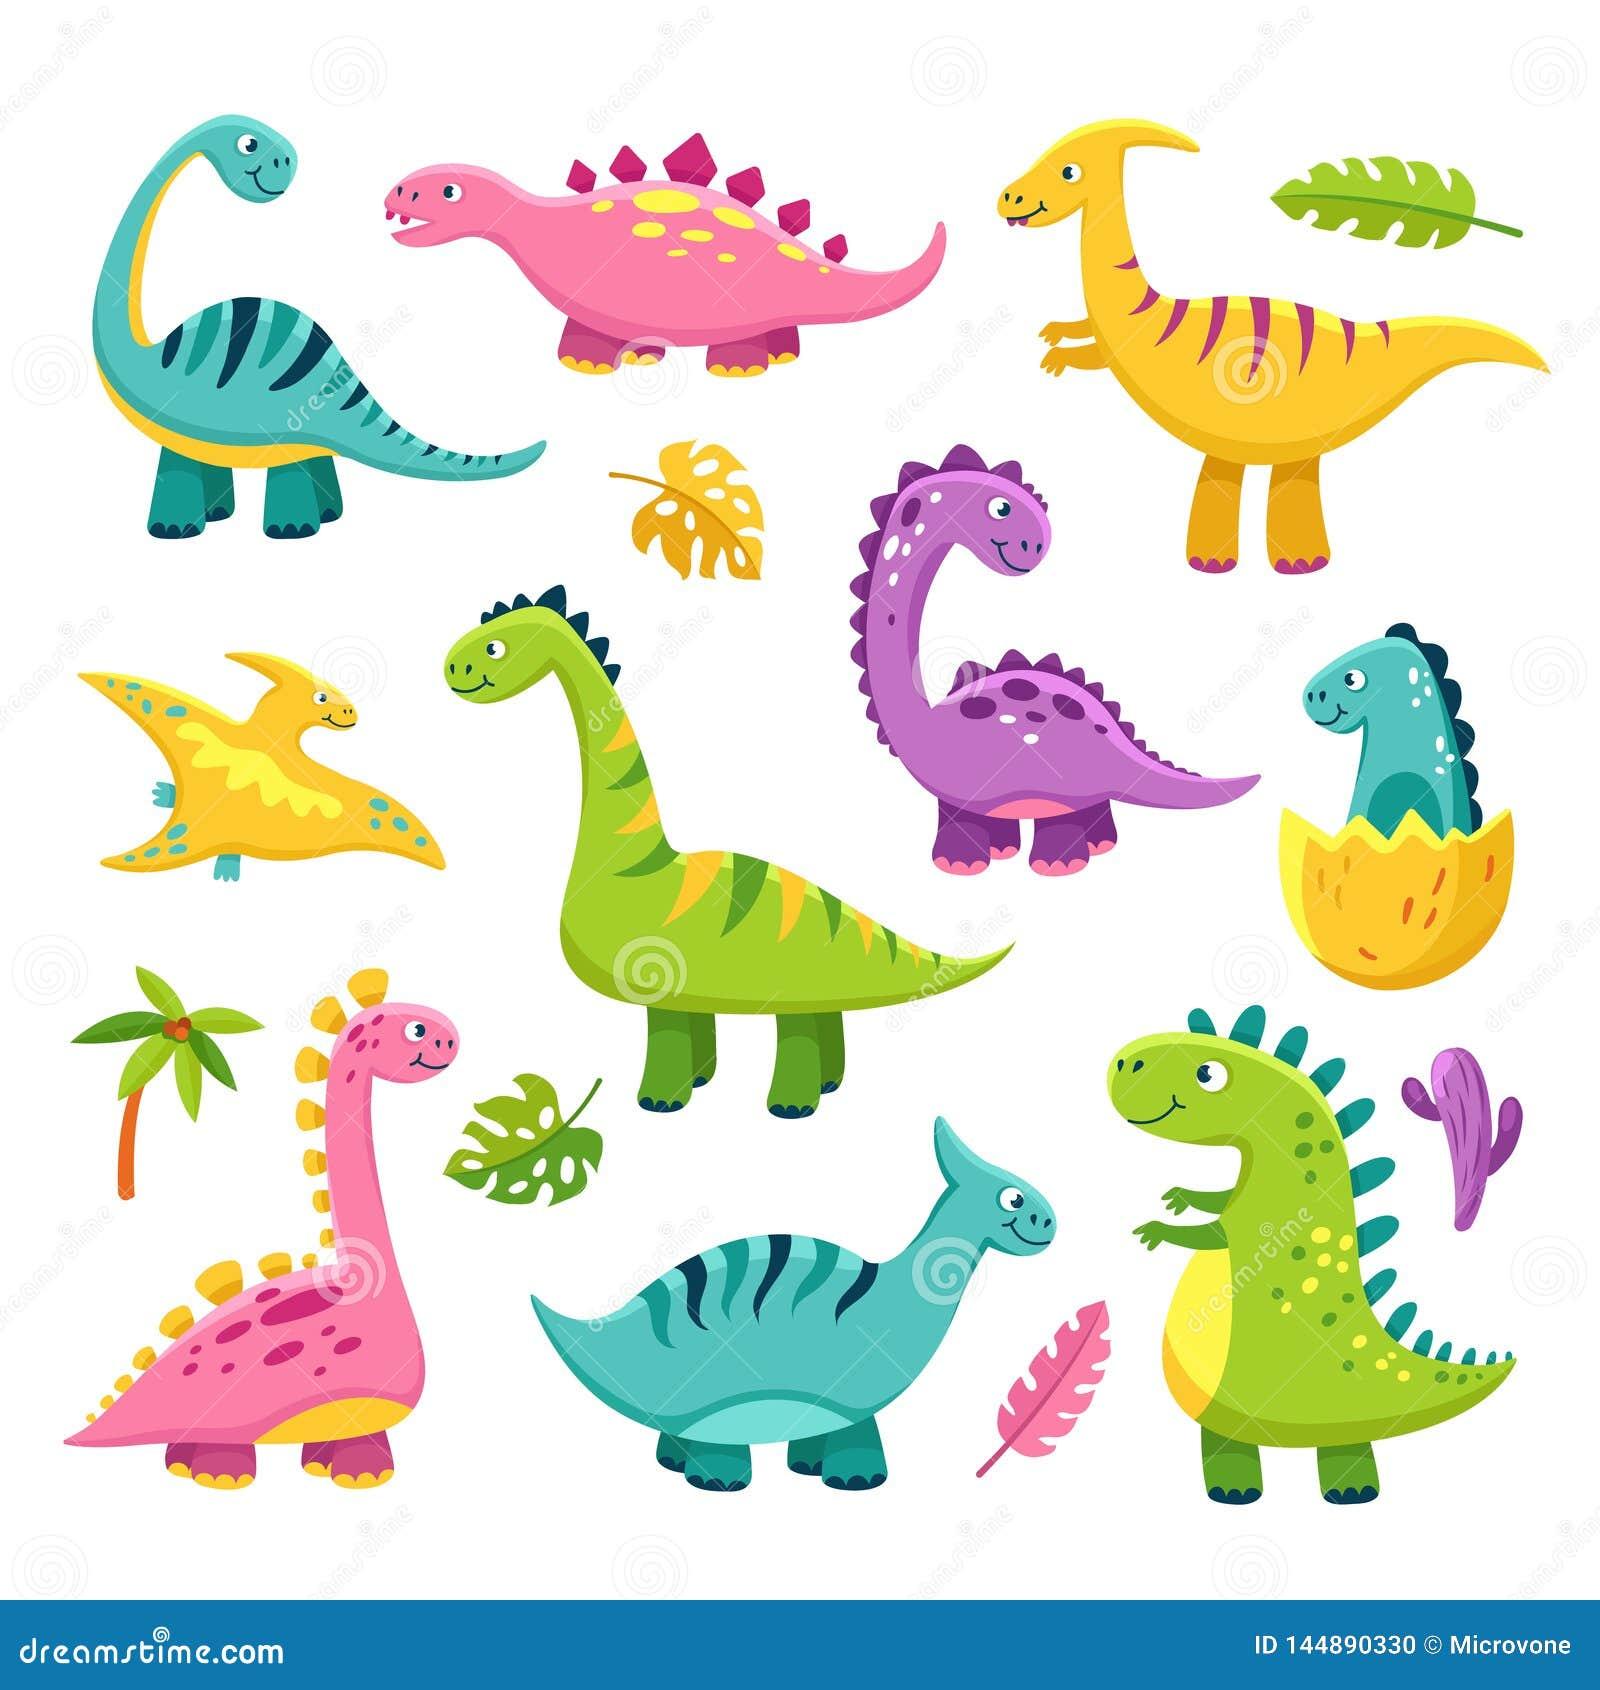 De dinosaurus van het beeldverhaal Vector van de wilde dierenbrontosaurus ge?soleerde dinosaurussen van Dino van de beeldverhaal